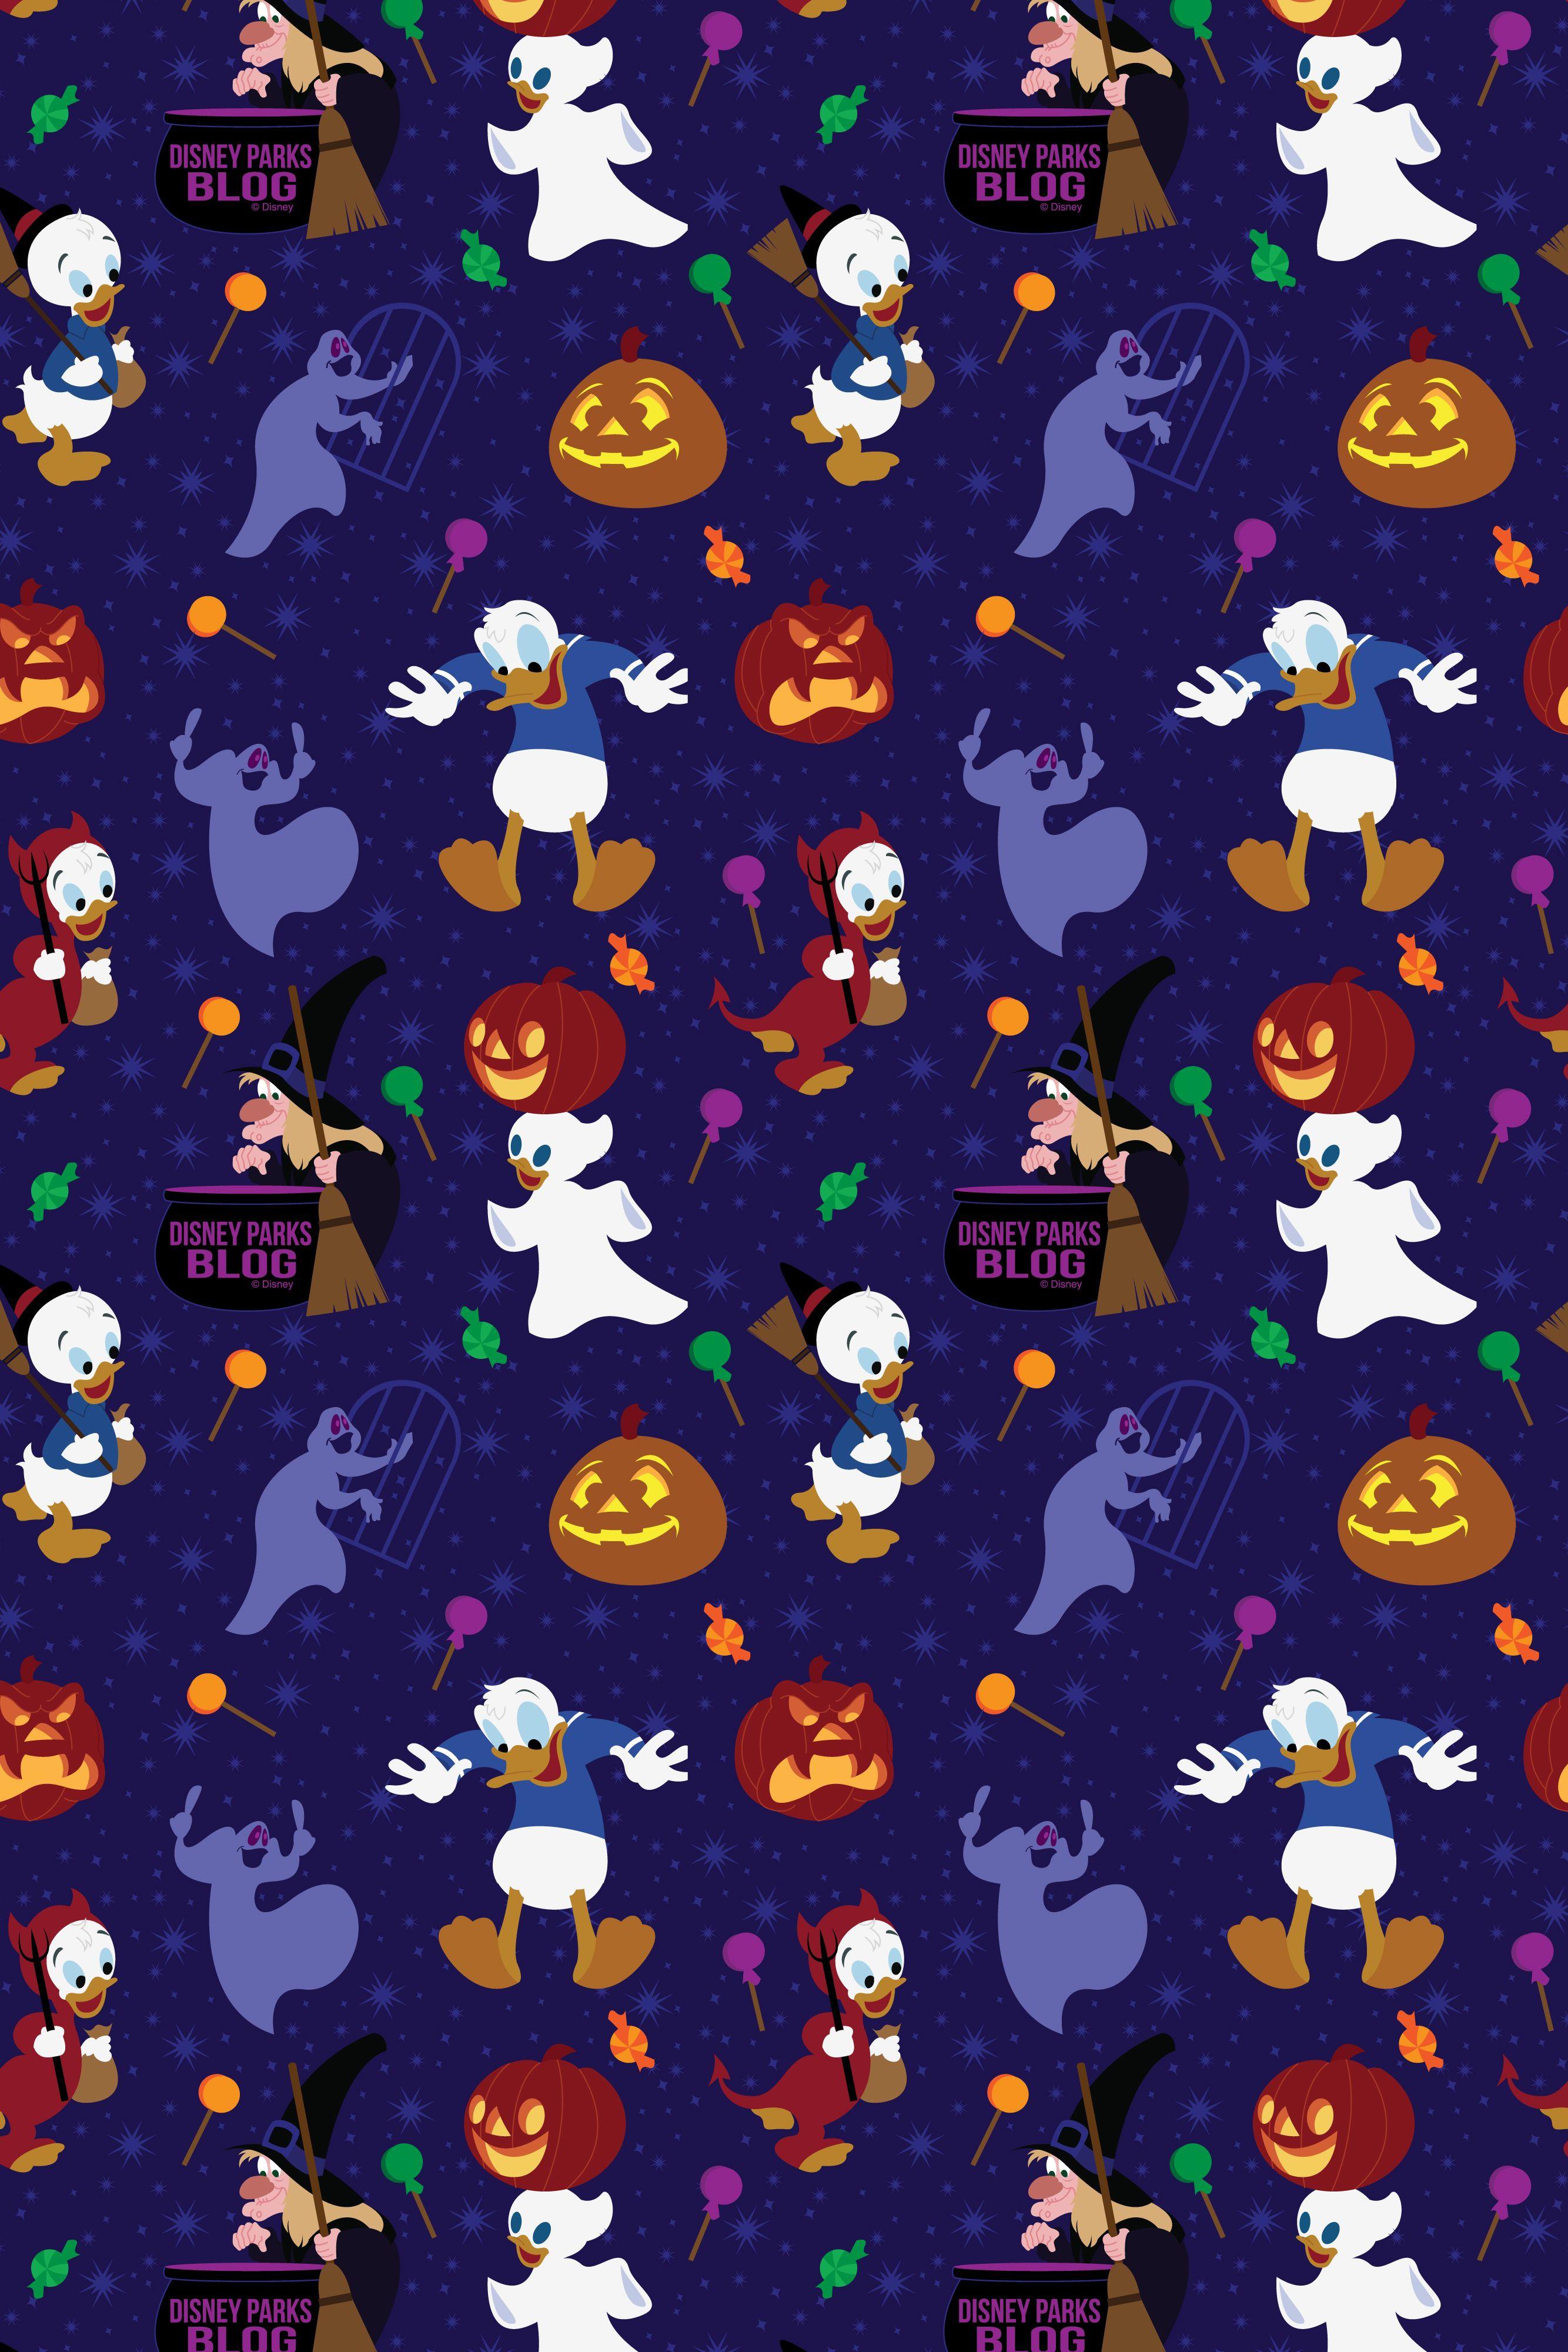 2019 Donald Duck Halloween Wallpaper Iphone Android Halloween Wallpaper Iphone Halloween Wallpaper Backgrounds Halloween Wallpaper